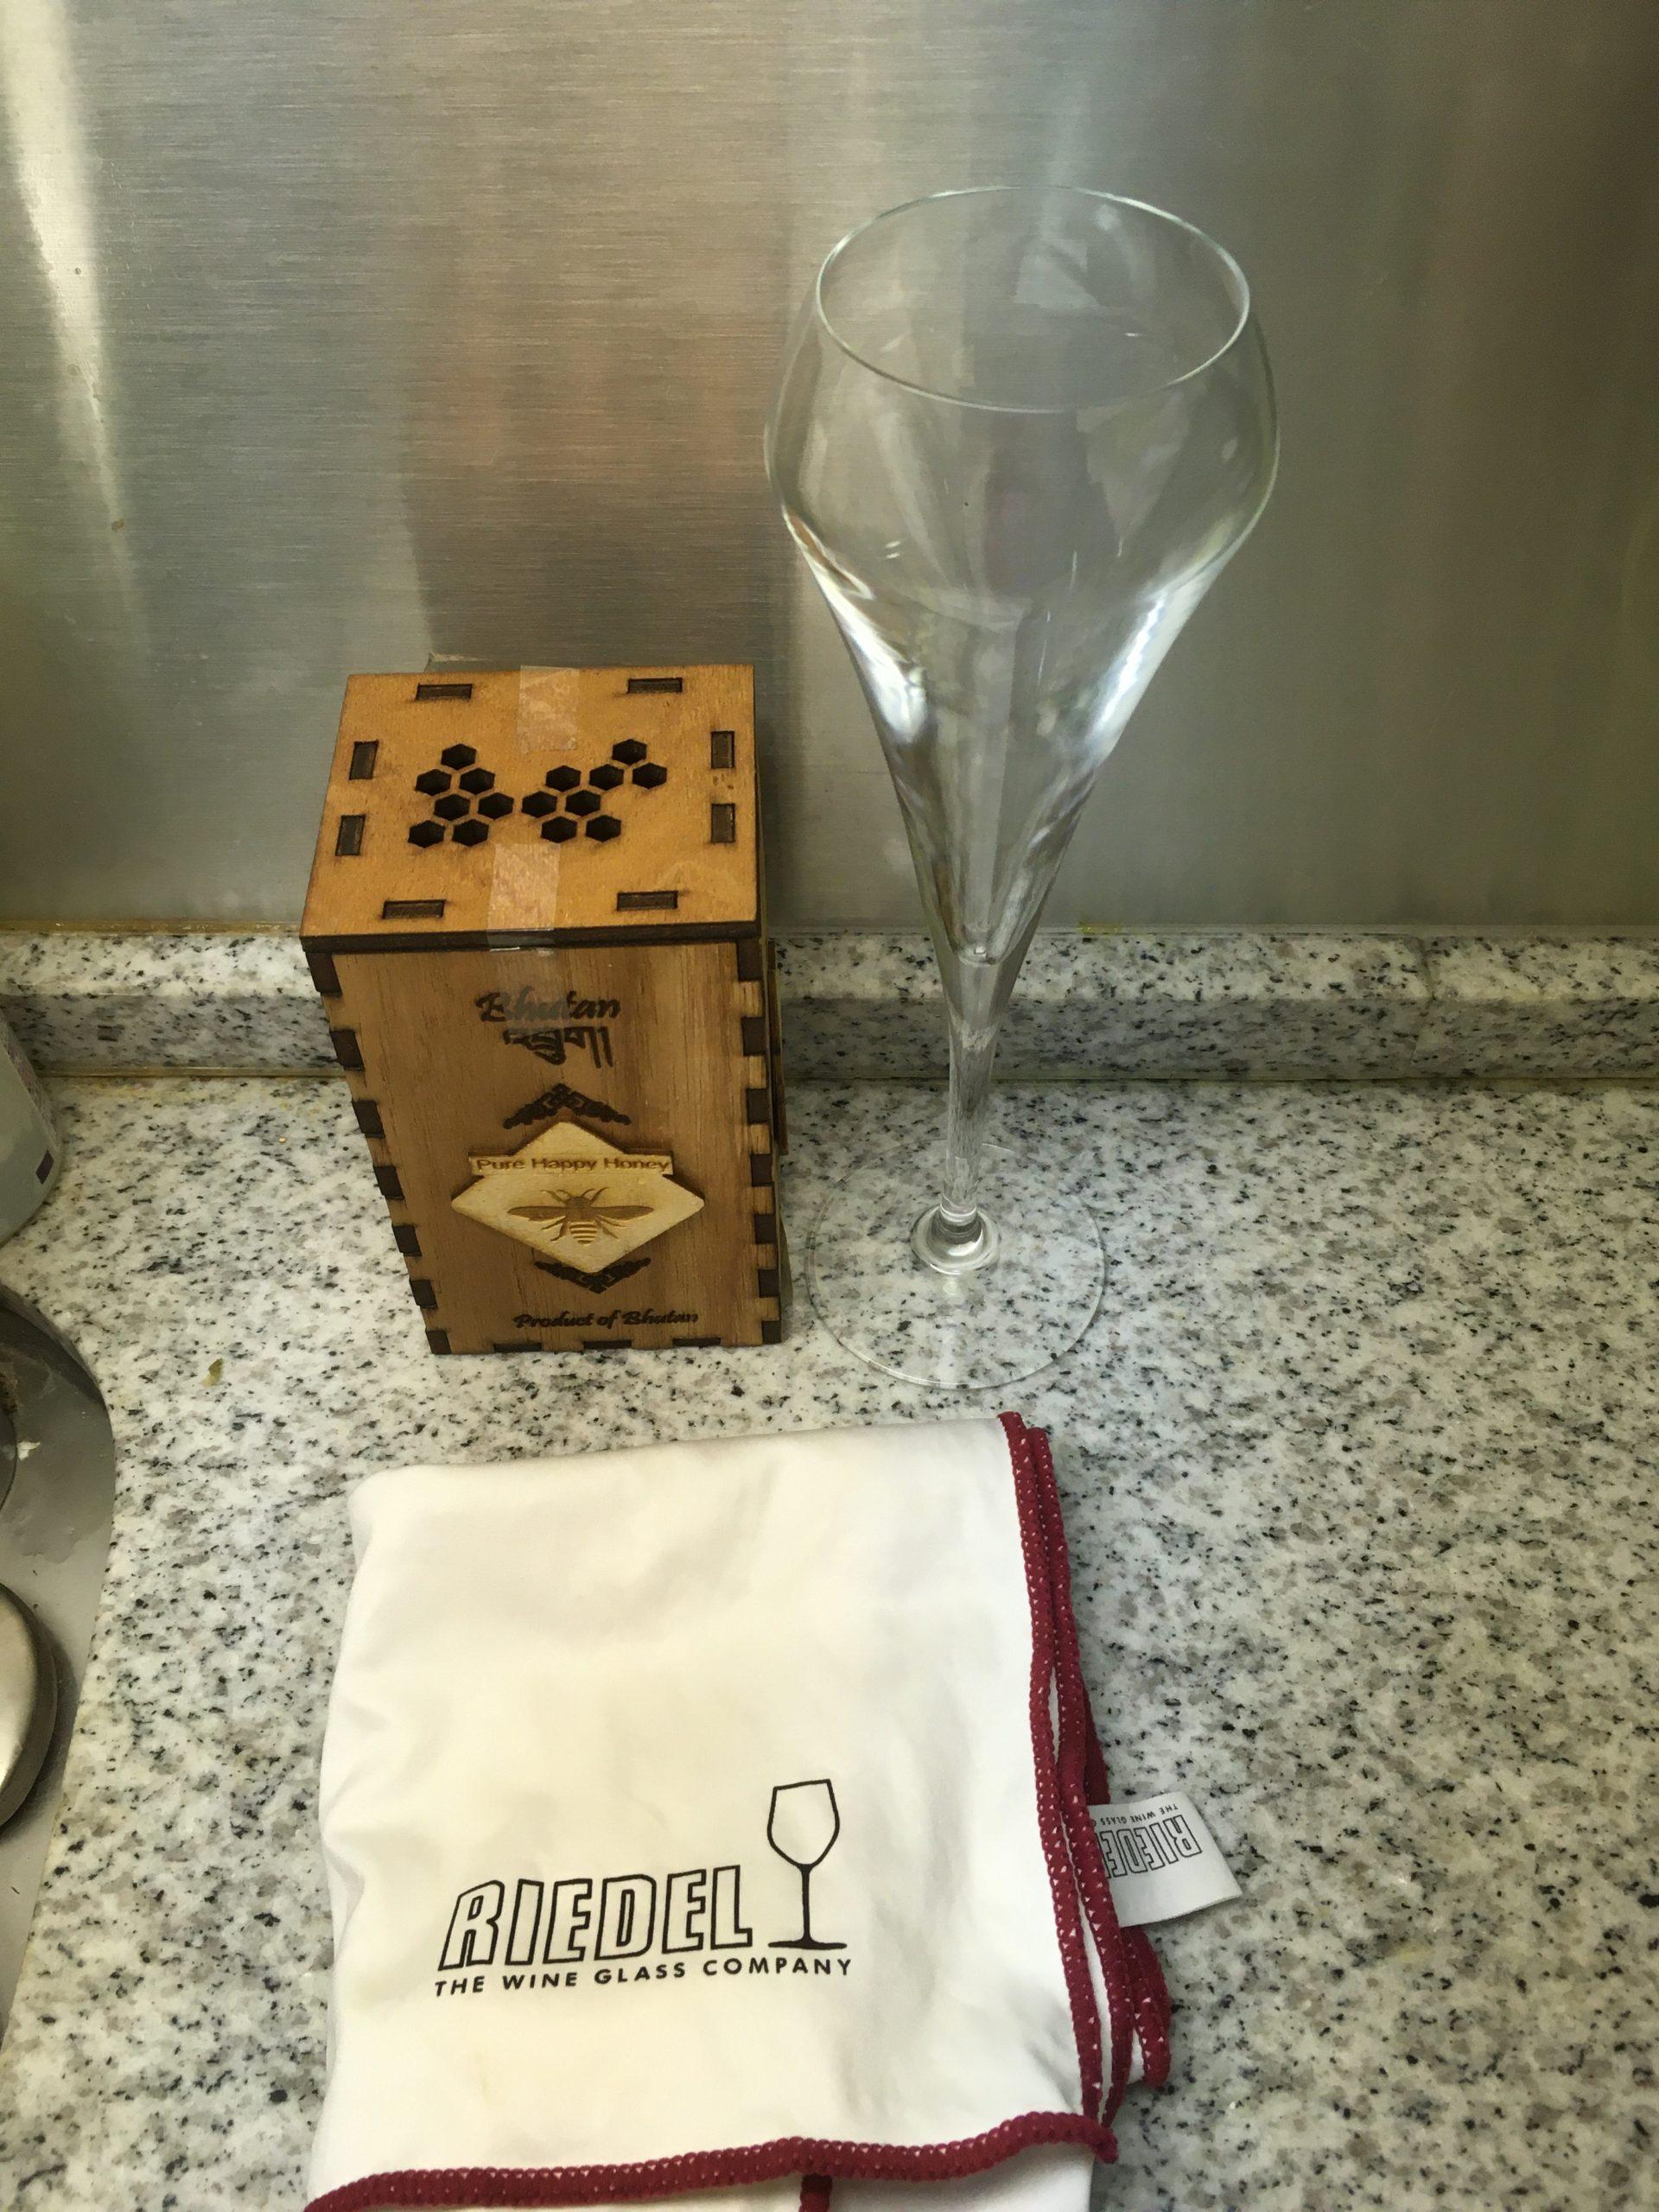 オンラインワイン飲み必須アイテム。リーデルのマイクロファイバークロス